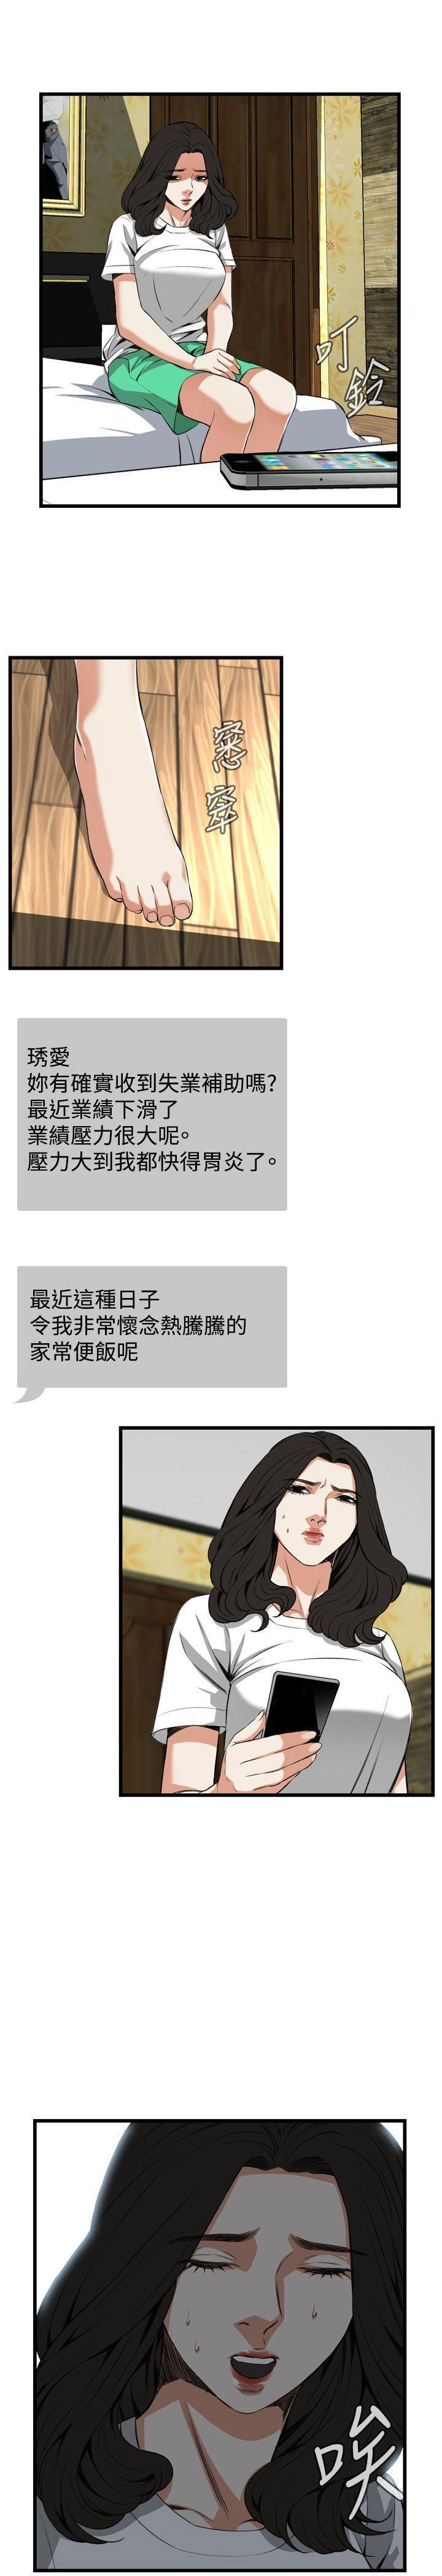 偷窥72-93 Chinese Rsiky 95